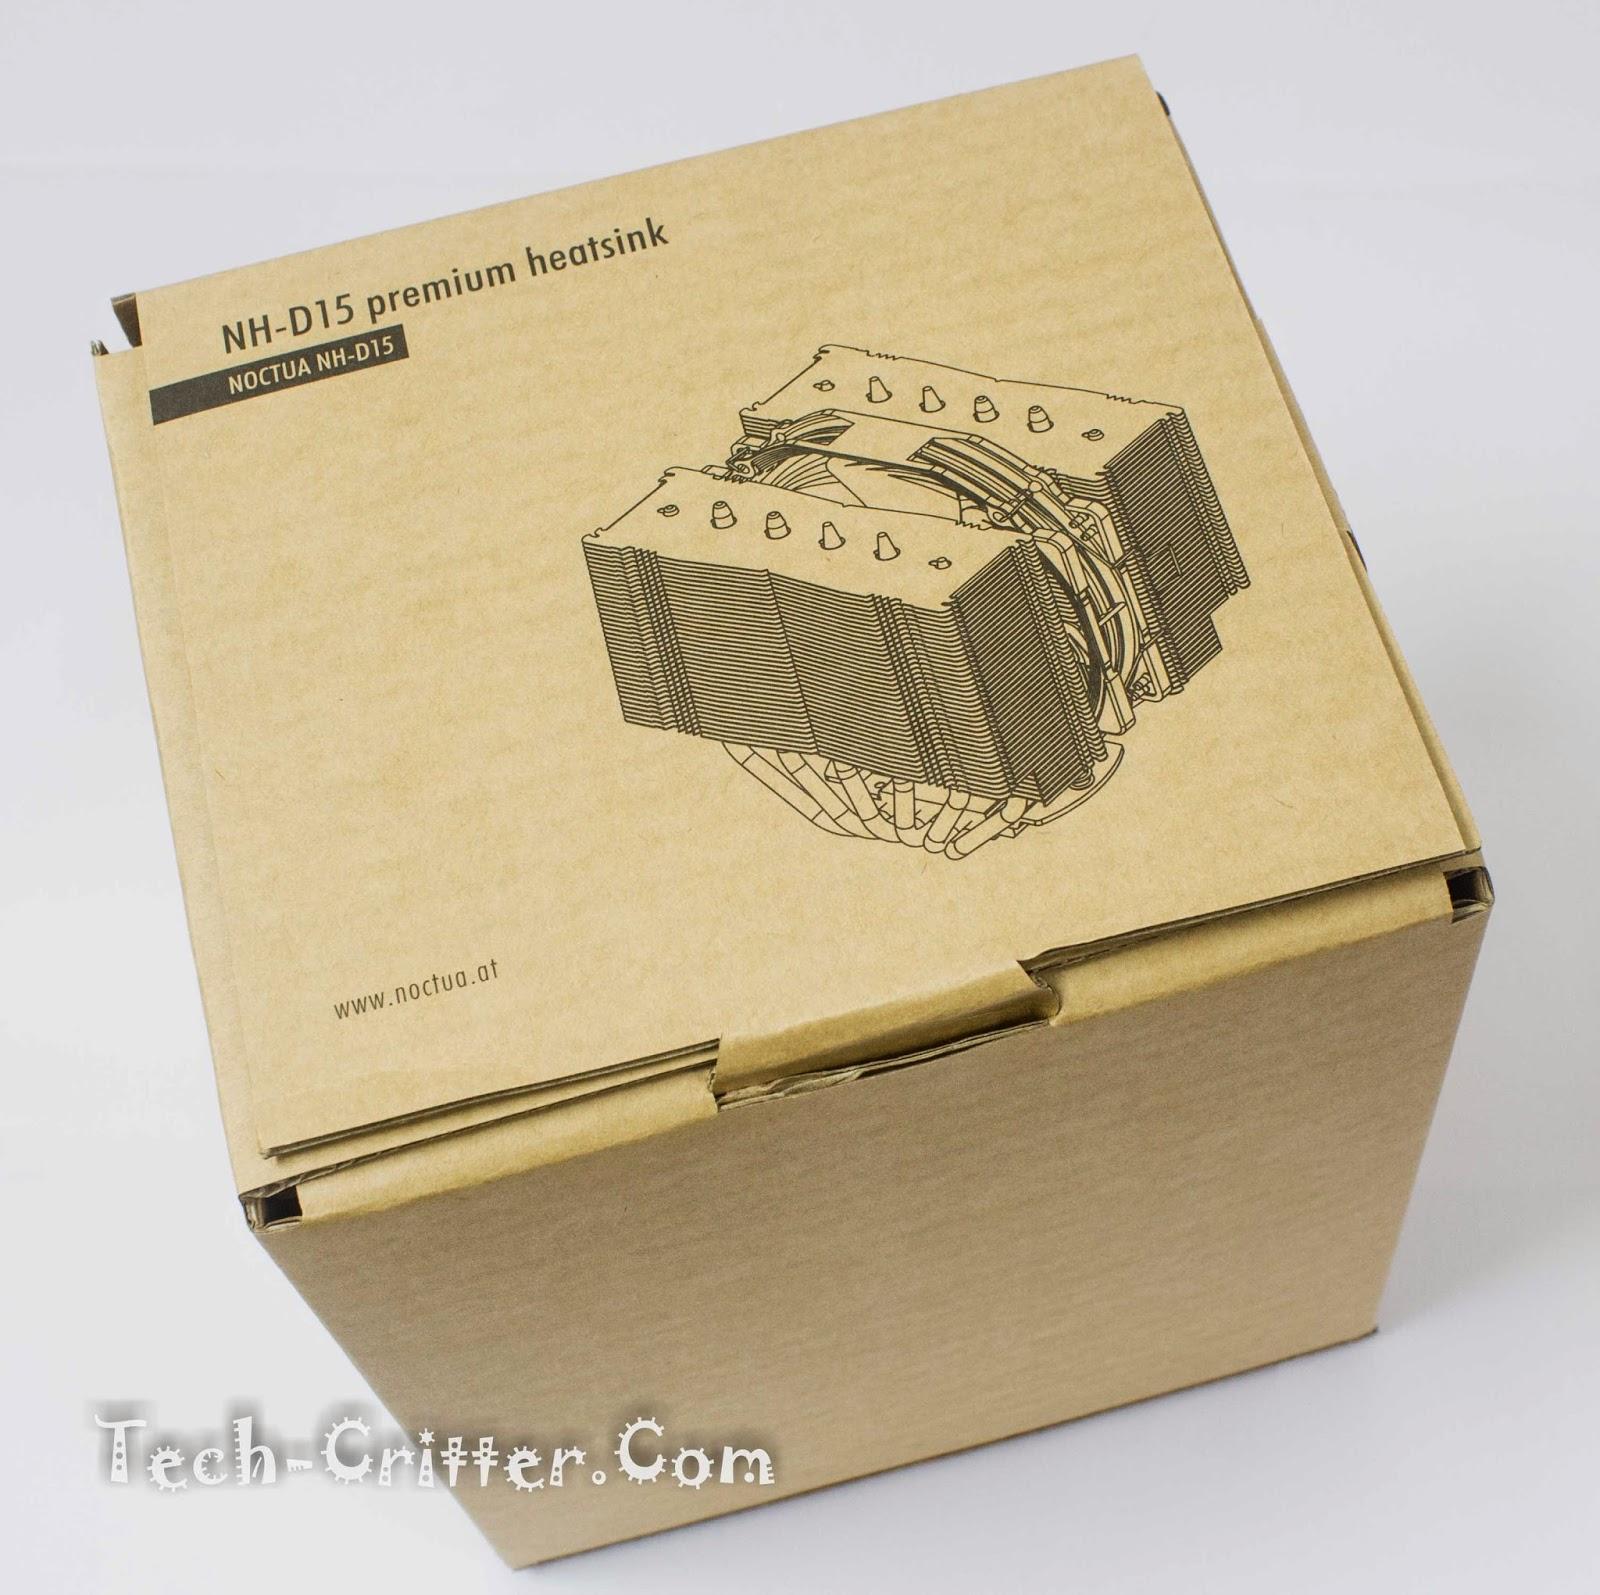 Unboxing & Review: Noctua NH-D15 98